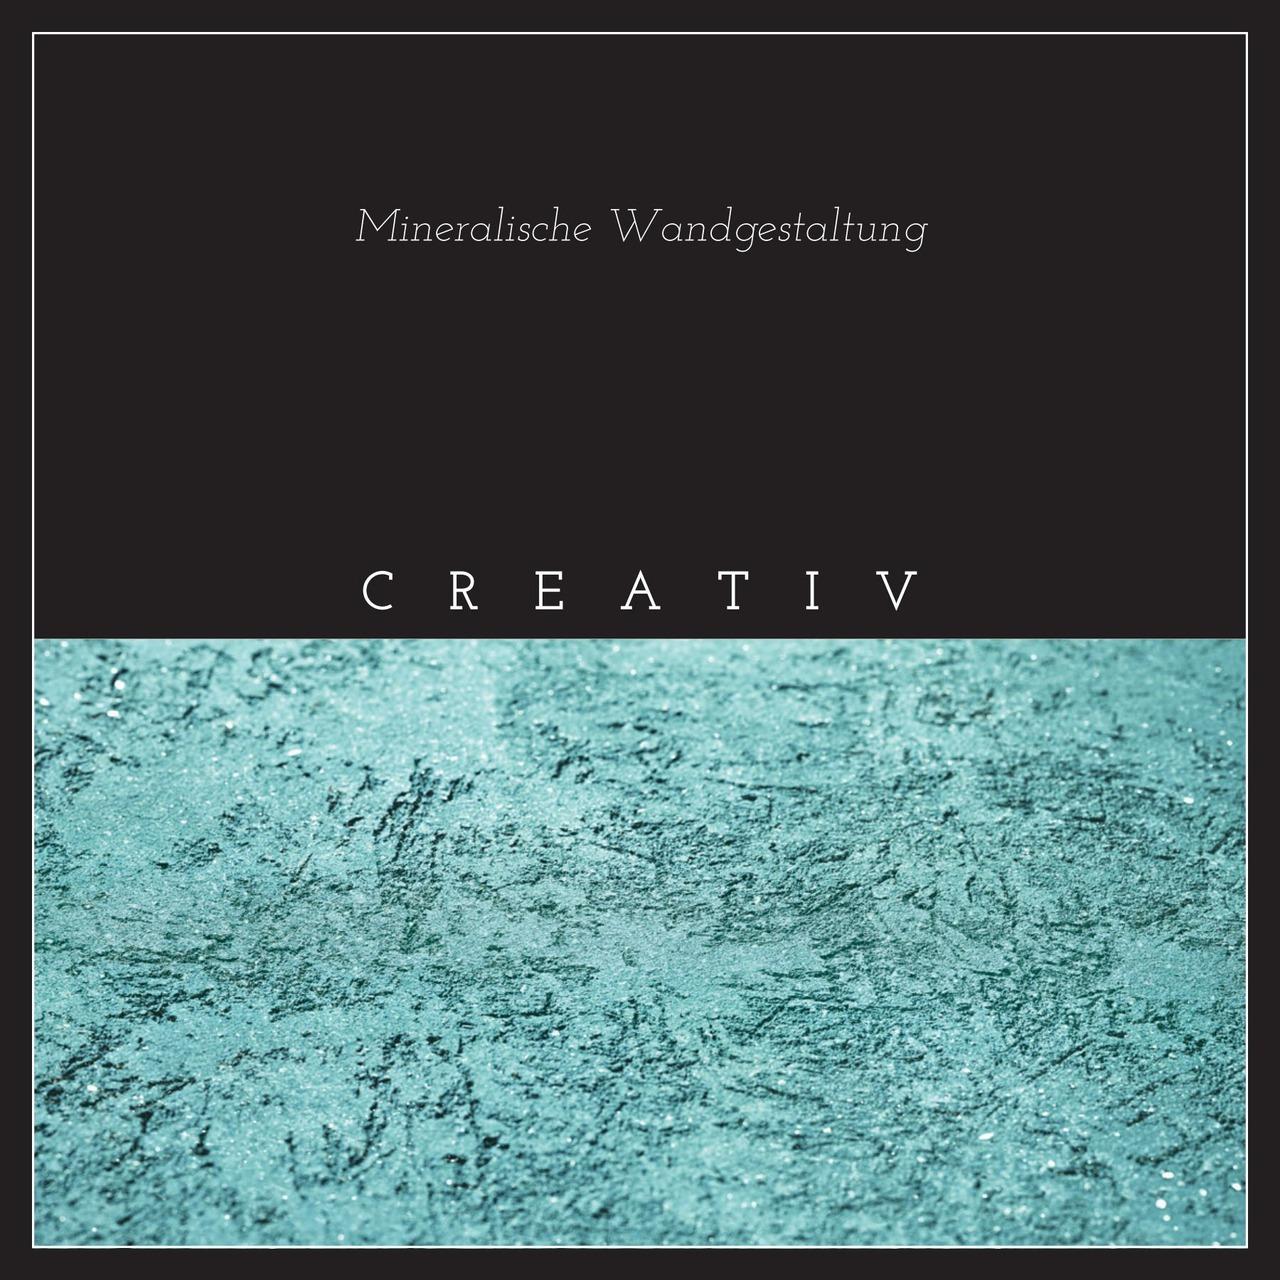 Creativ |Themenheft Mineralische Wandgestaltung